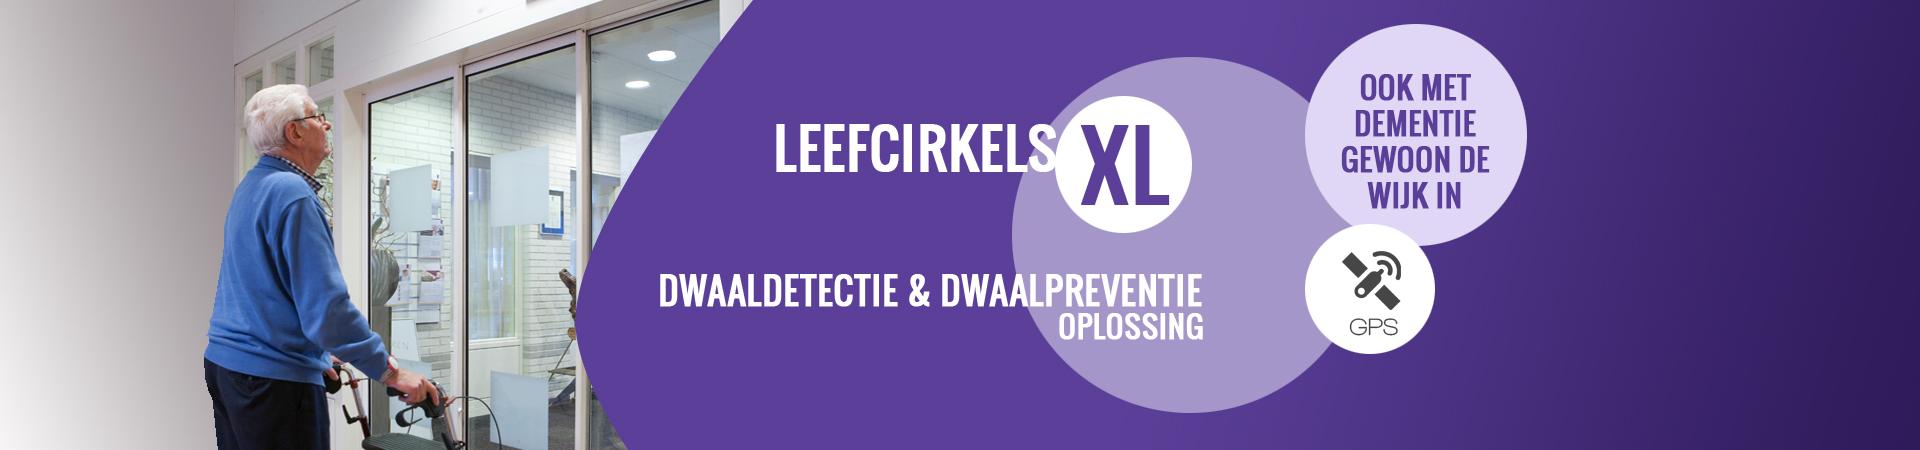 Slide2-Leefcirkels-v4